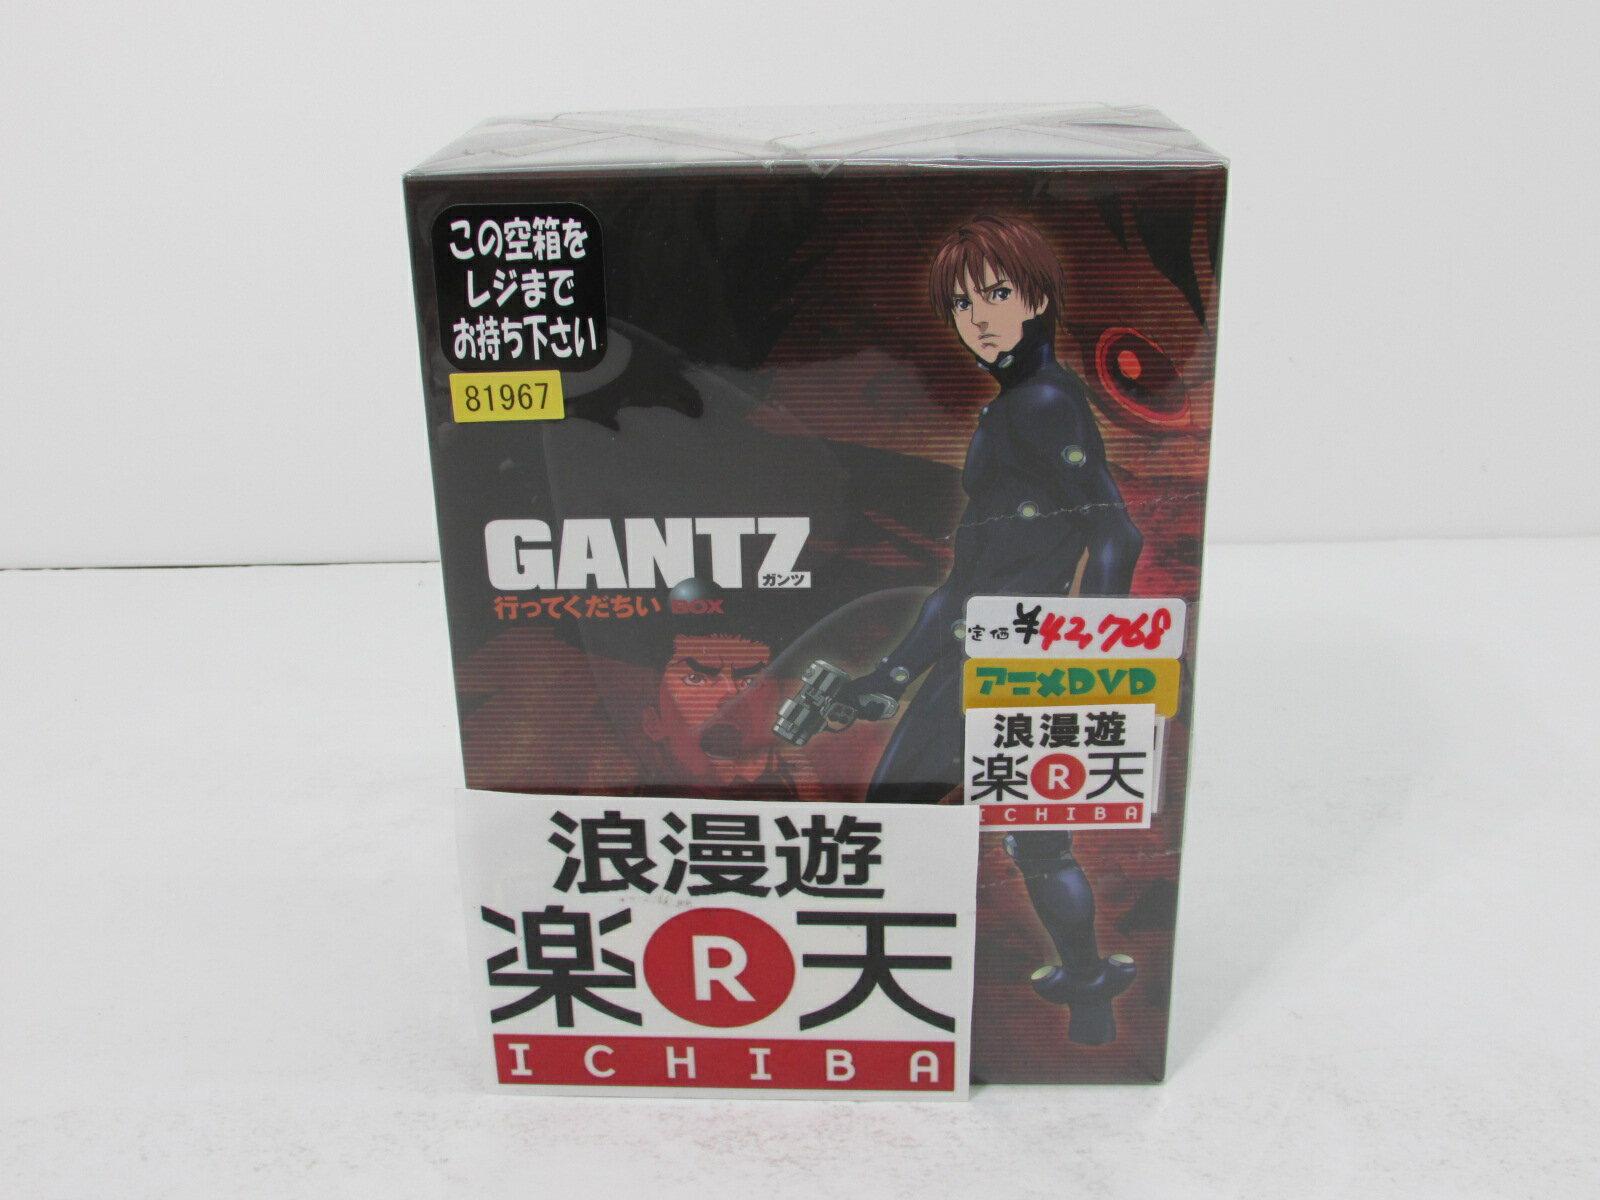 GANTZ ガンツ DVD BOX1.2セット 【中古】【アニメDVD・BD】【金沢本店 併売品】【600857Kz】